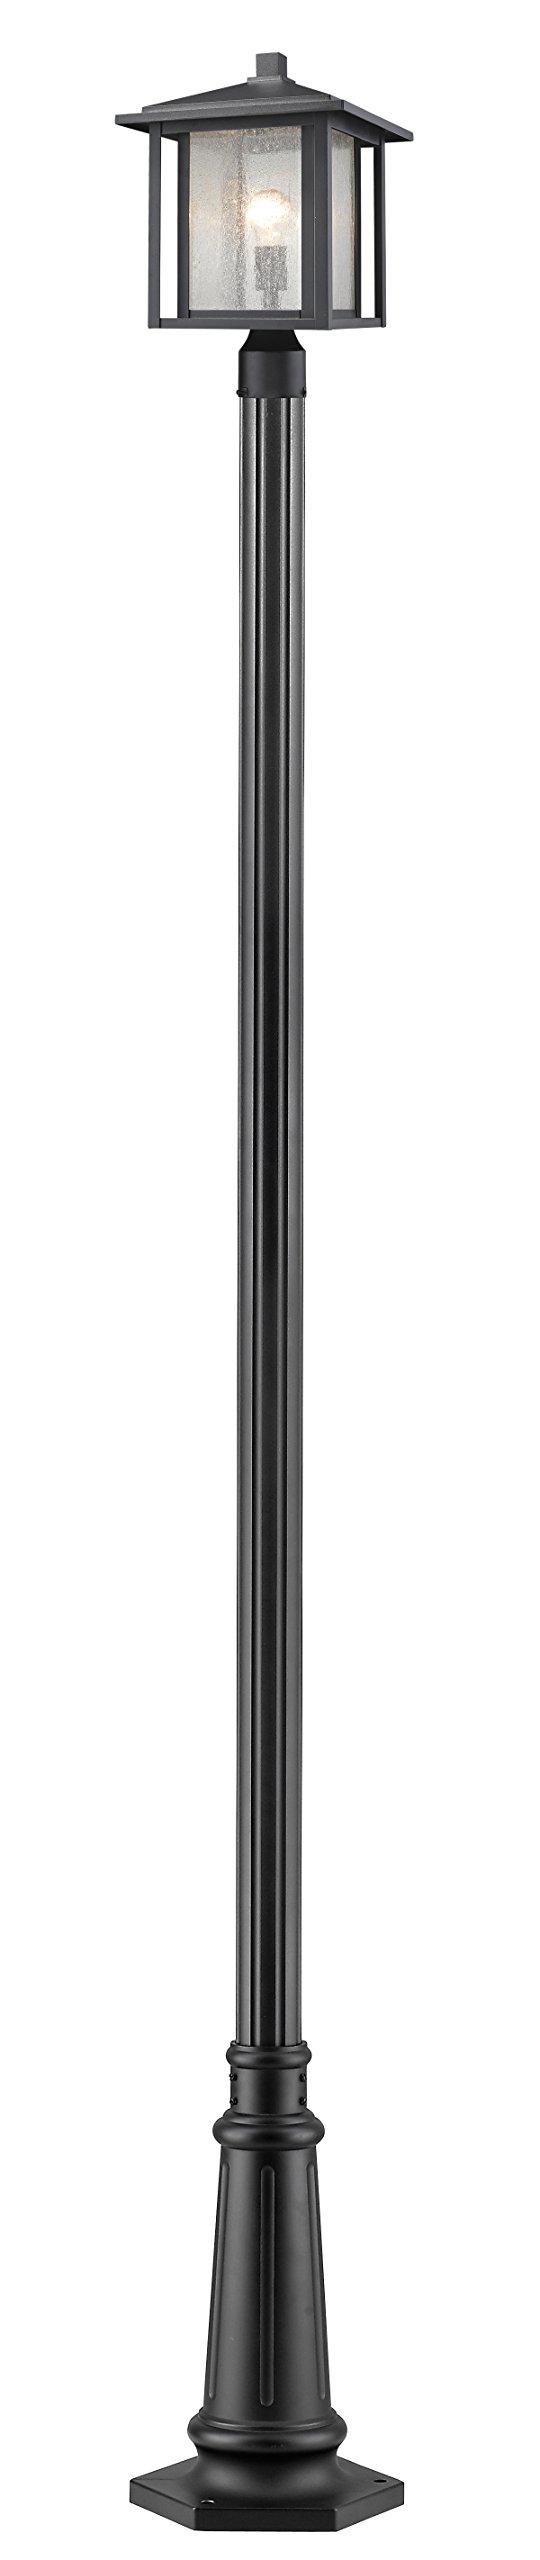 Z-Lite 554PHB-557P-BK 1 Light Outdoor 1